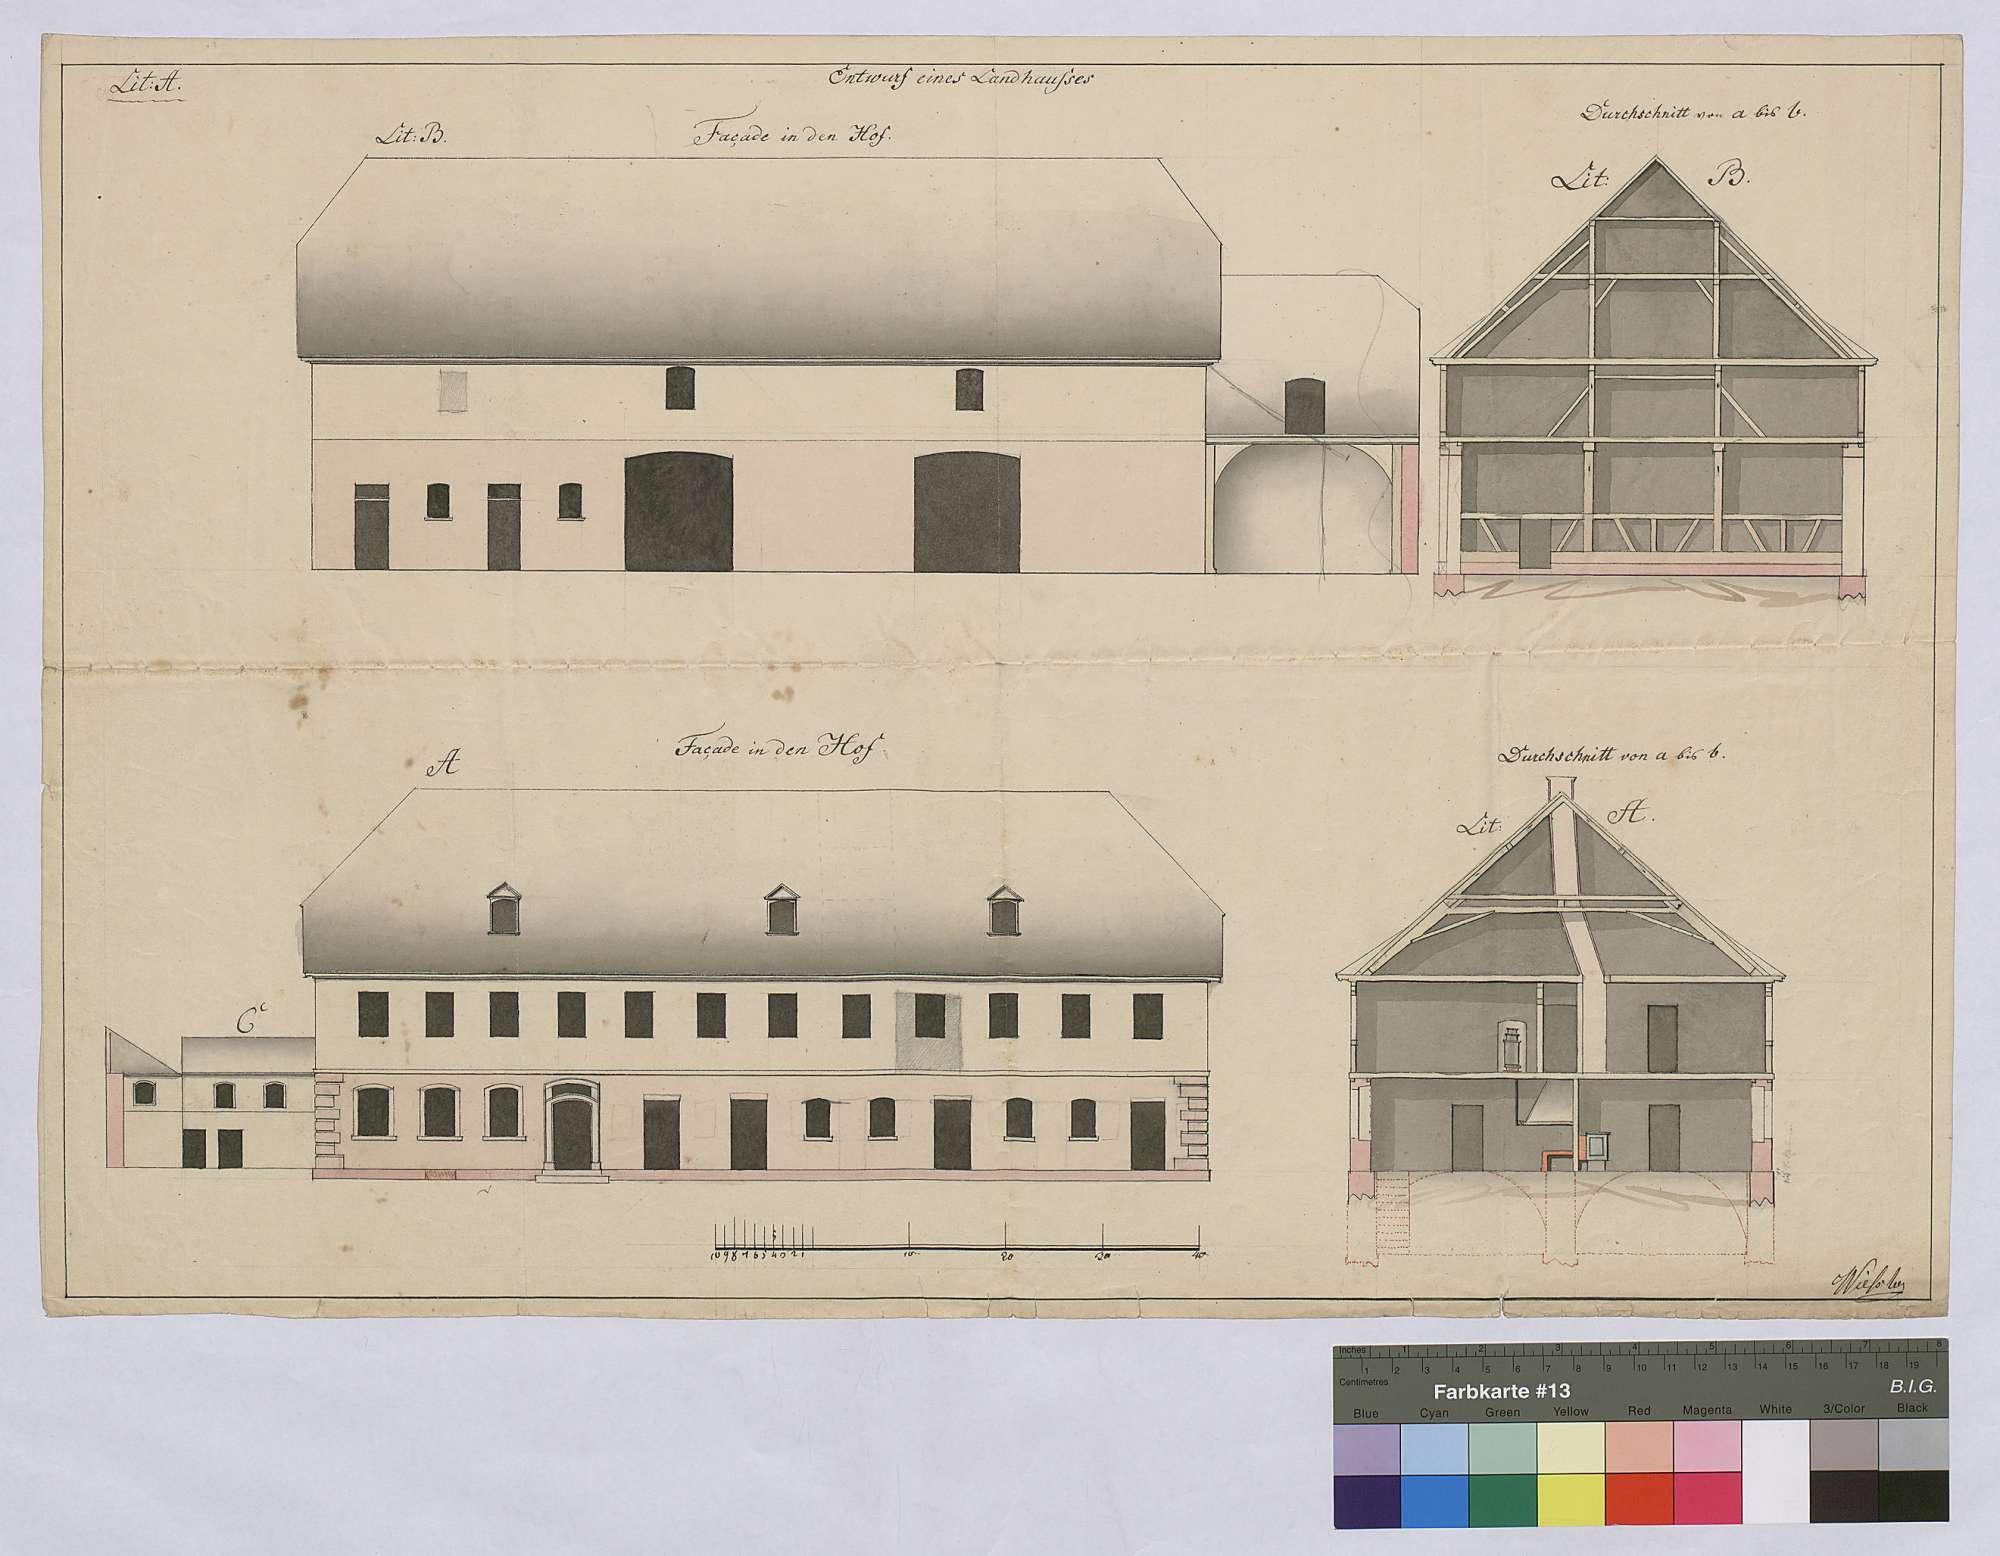 Errichtung von Ökonomiegebäuden auf dem Reinhardshof in Wertheim: Entwurf eines Landhauses, Bild 1